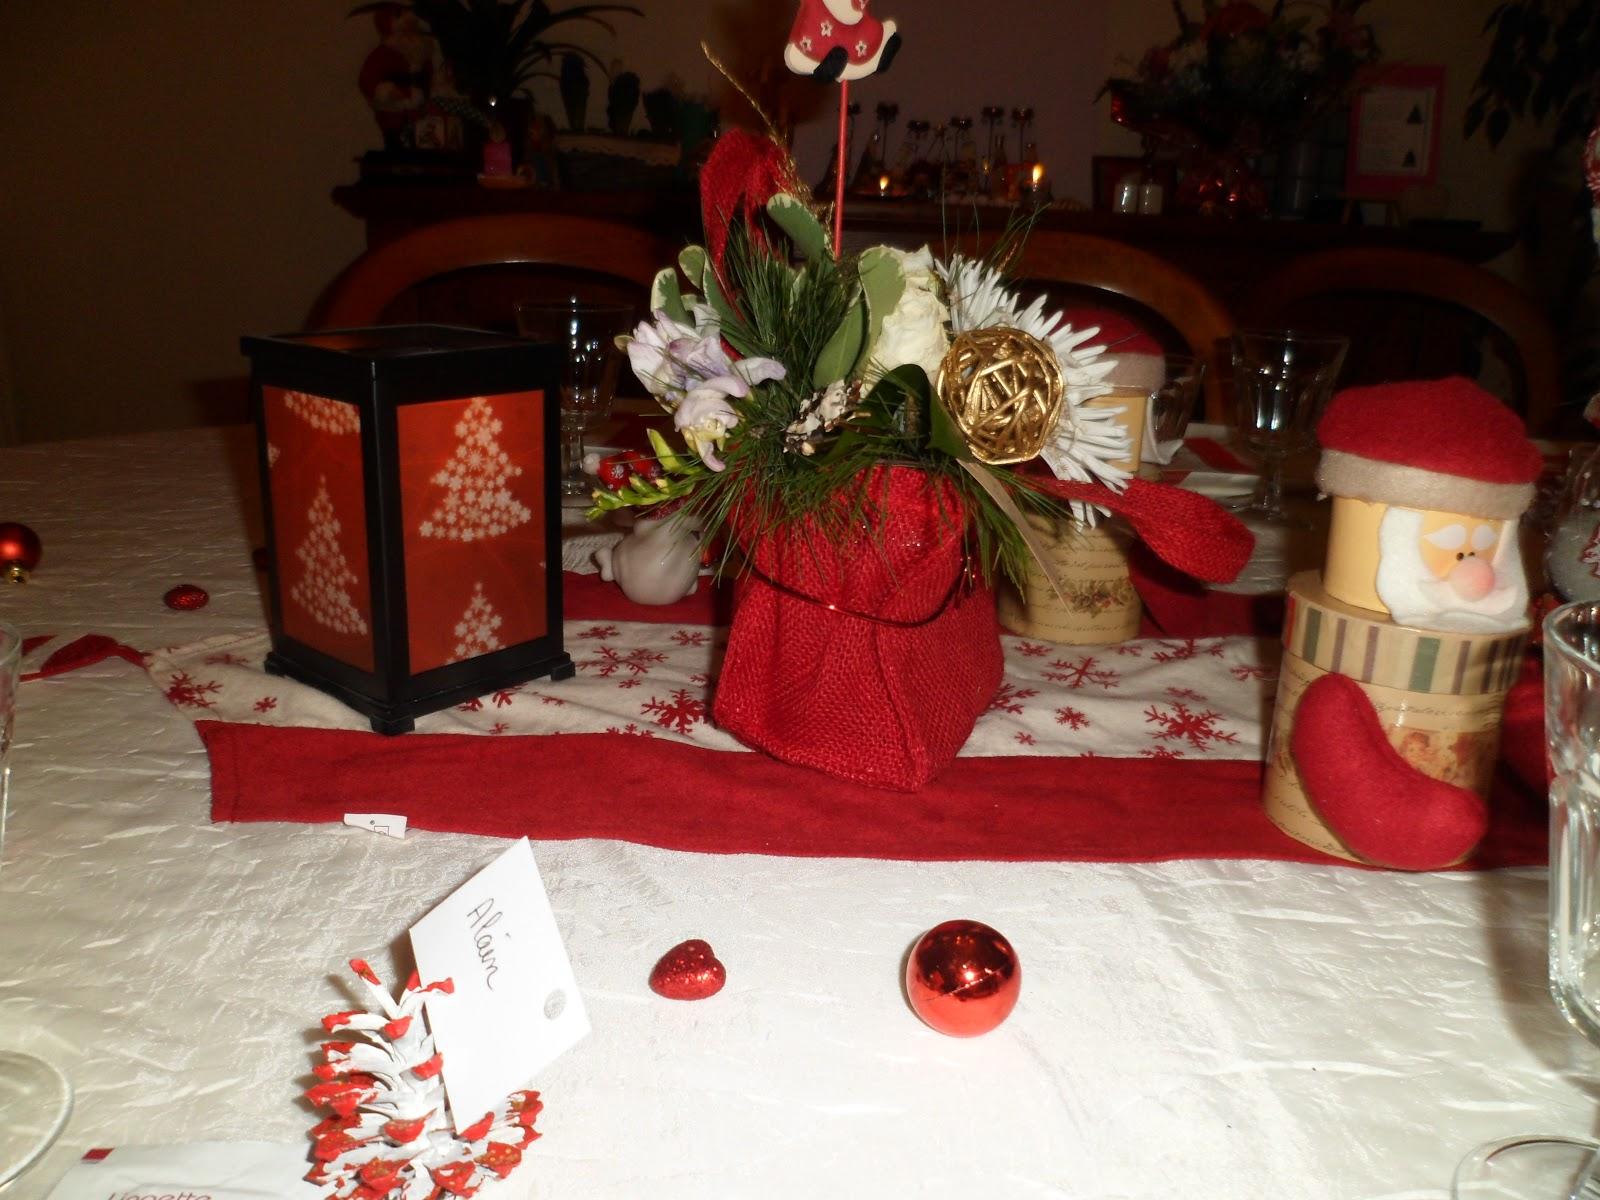 #811F19 Dans La Maison De Séverine: Décembre 2012 5771 jeux decoration de noel dans la maison 1600x1200 px @ aertt.com